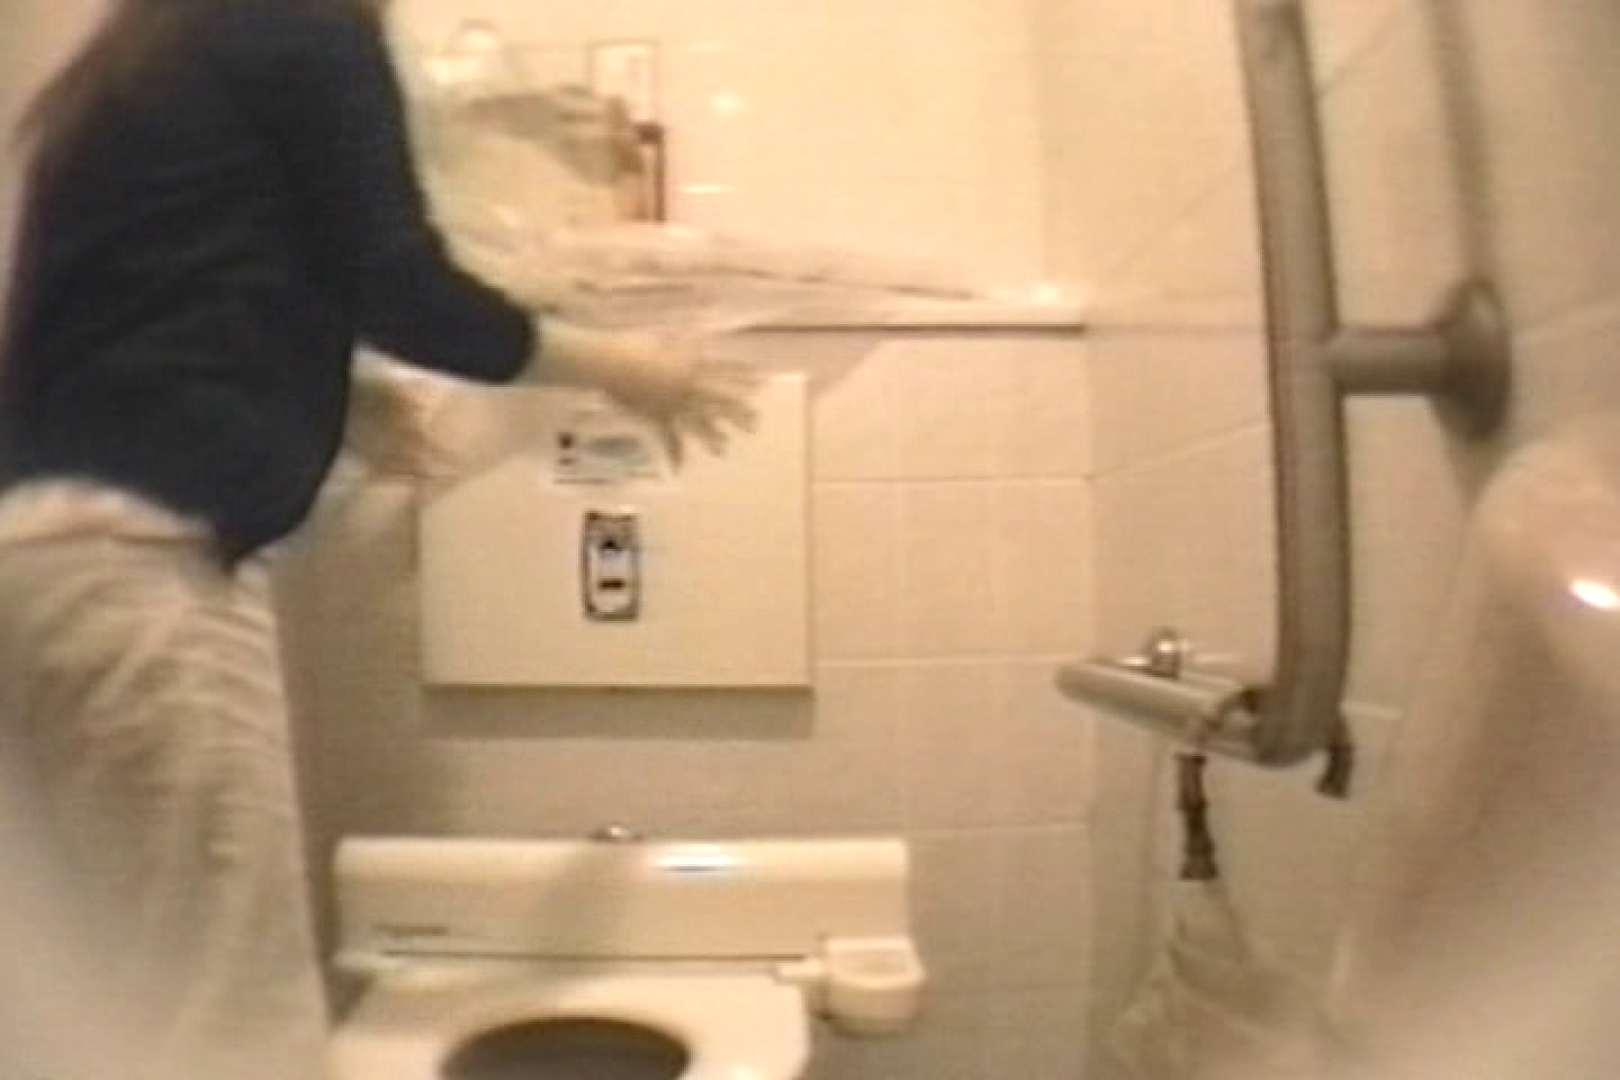 個室狂いのマニア映像Vol.4 エロティックなOL 盗撮画像 61画像 59